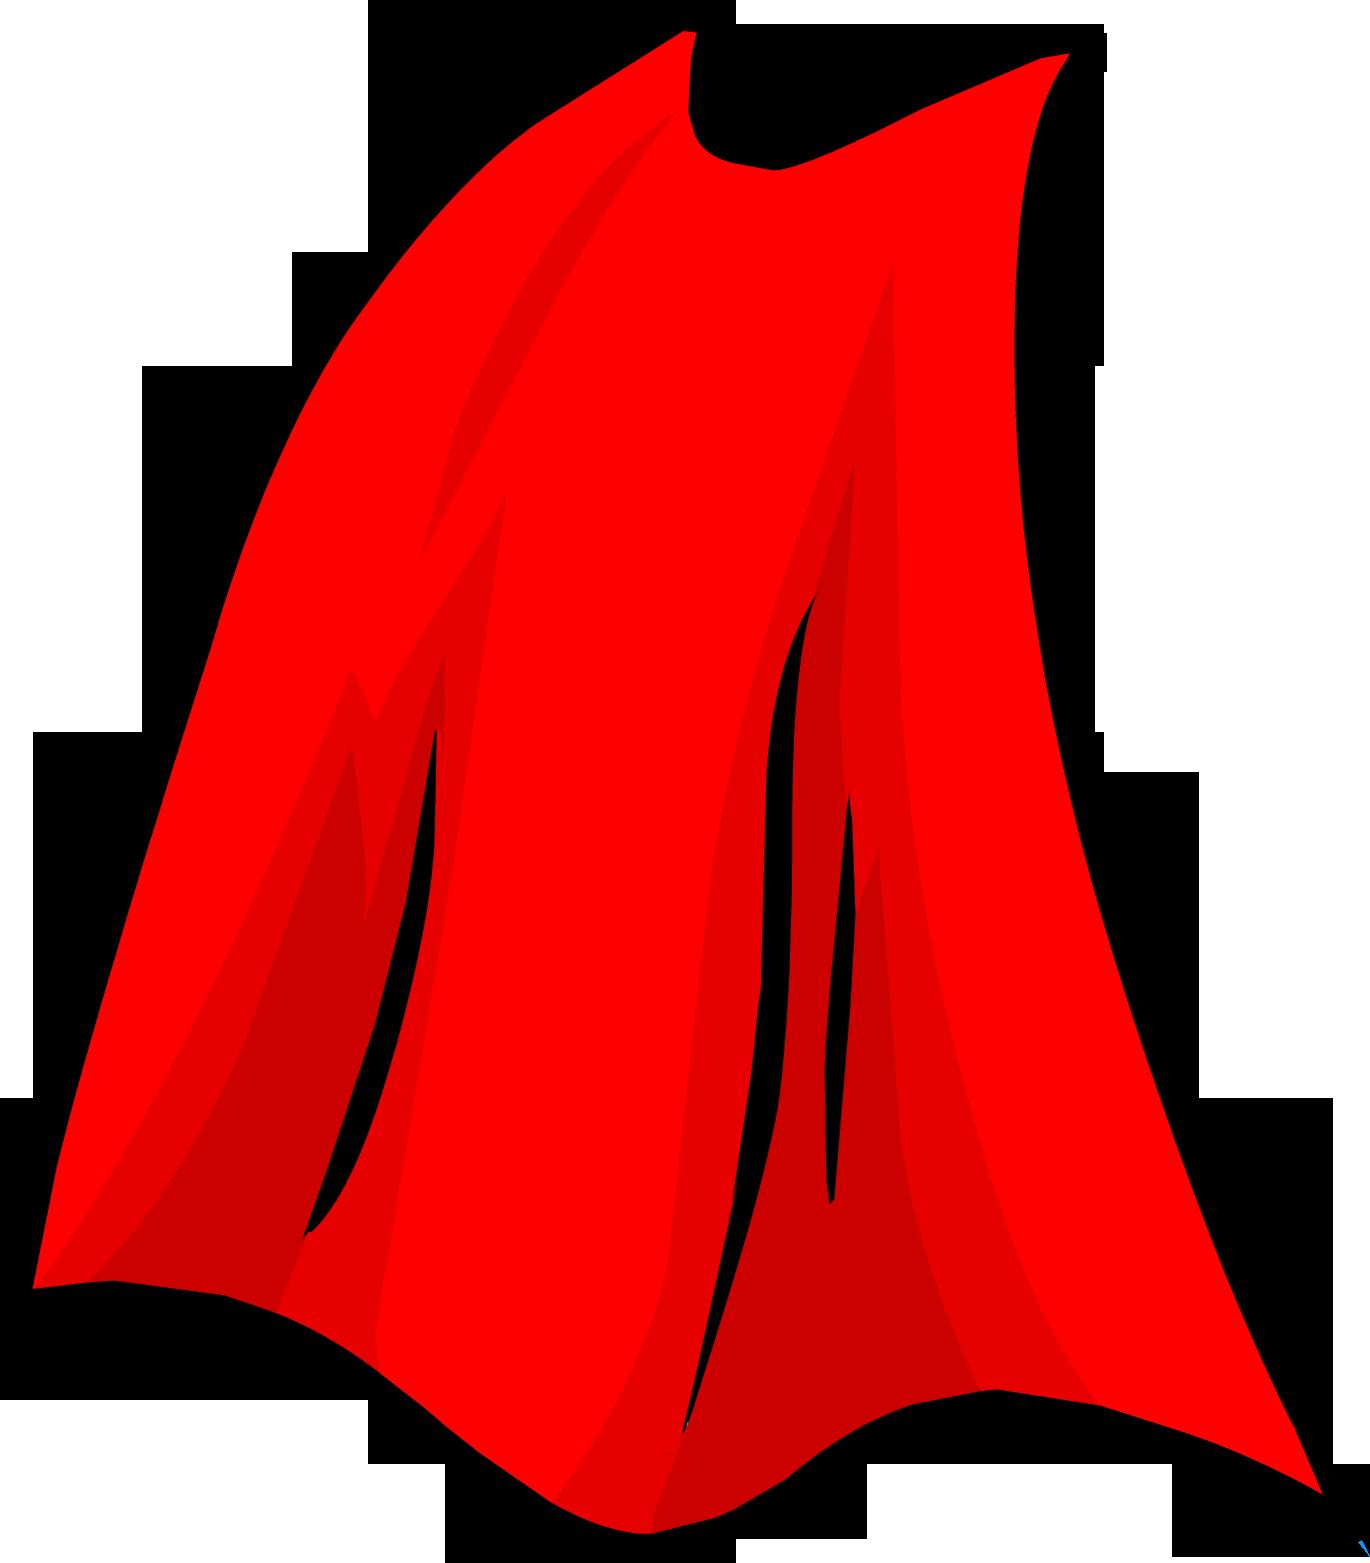 Ausgezeichnet Supermanns Vorlage Ideen - Beispiel Business ...